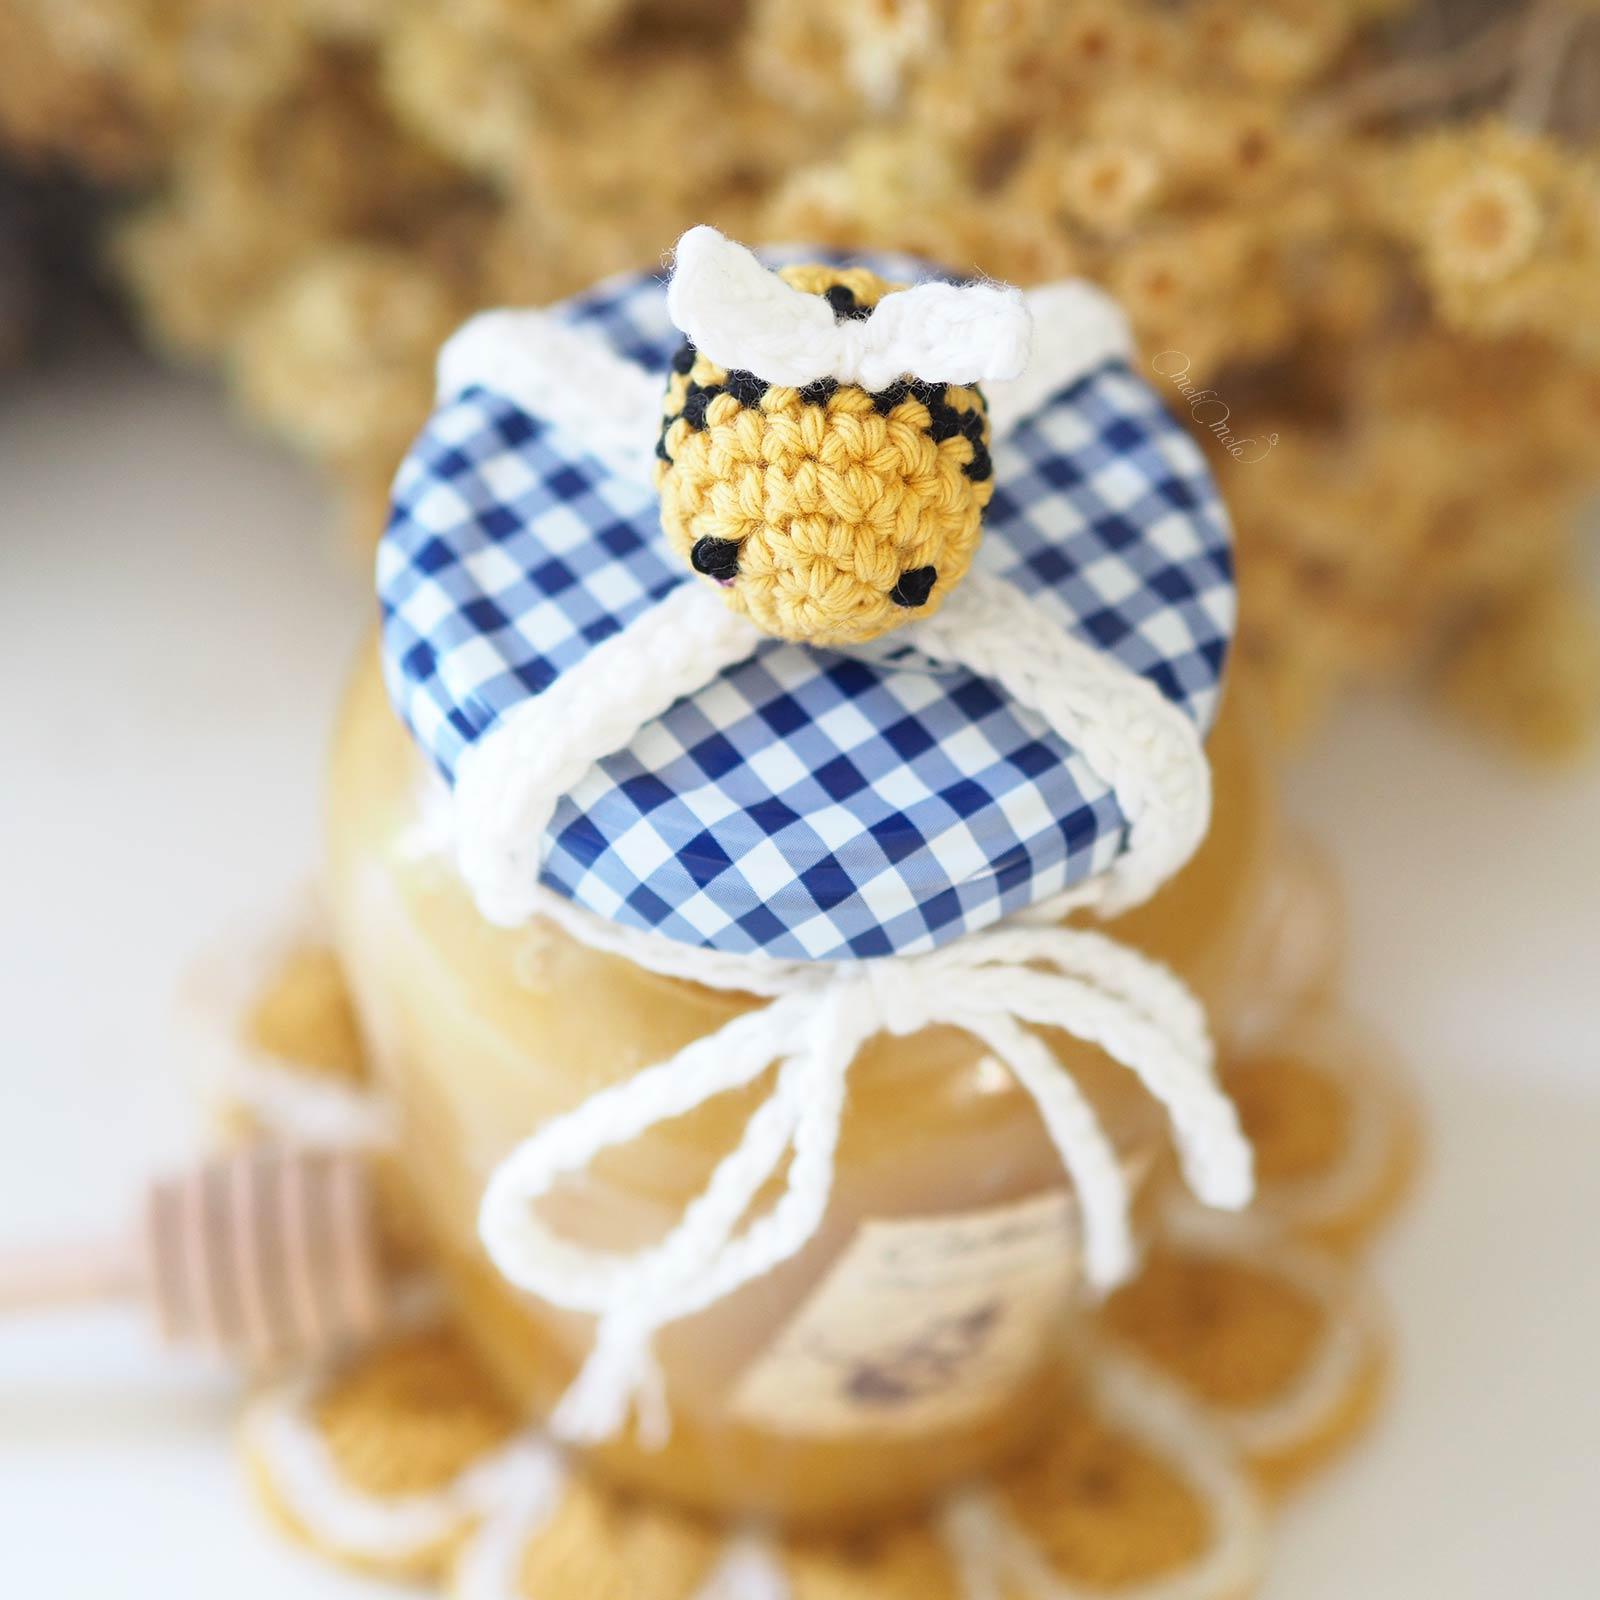 deco-pot-miel-abeille-amigurumi-crochet-laboutiquedemelimelo